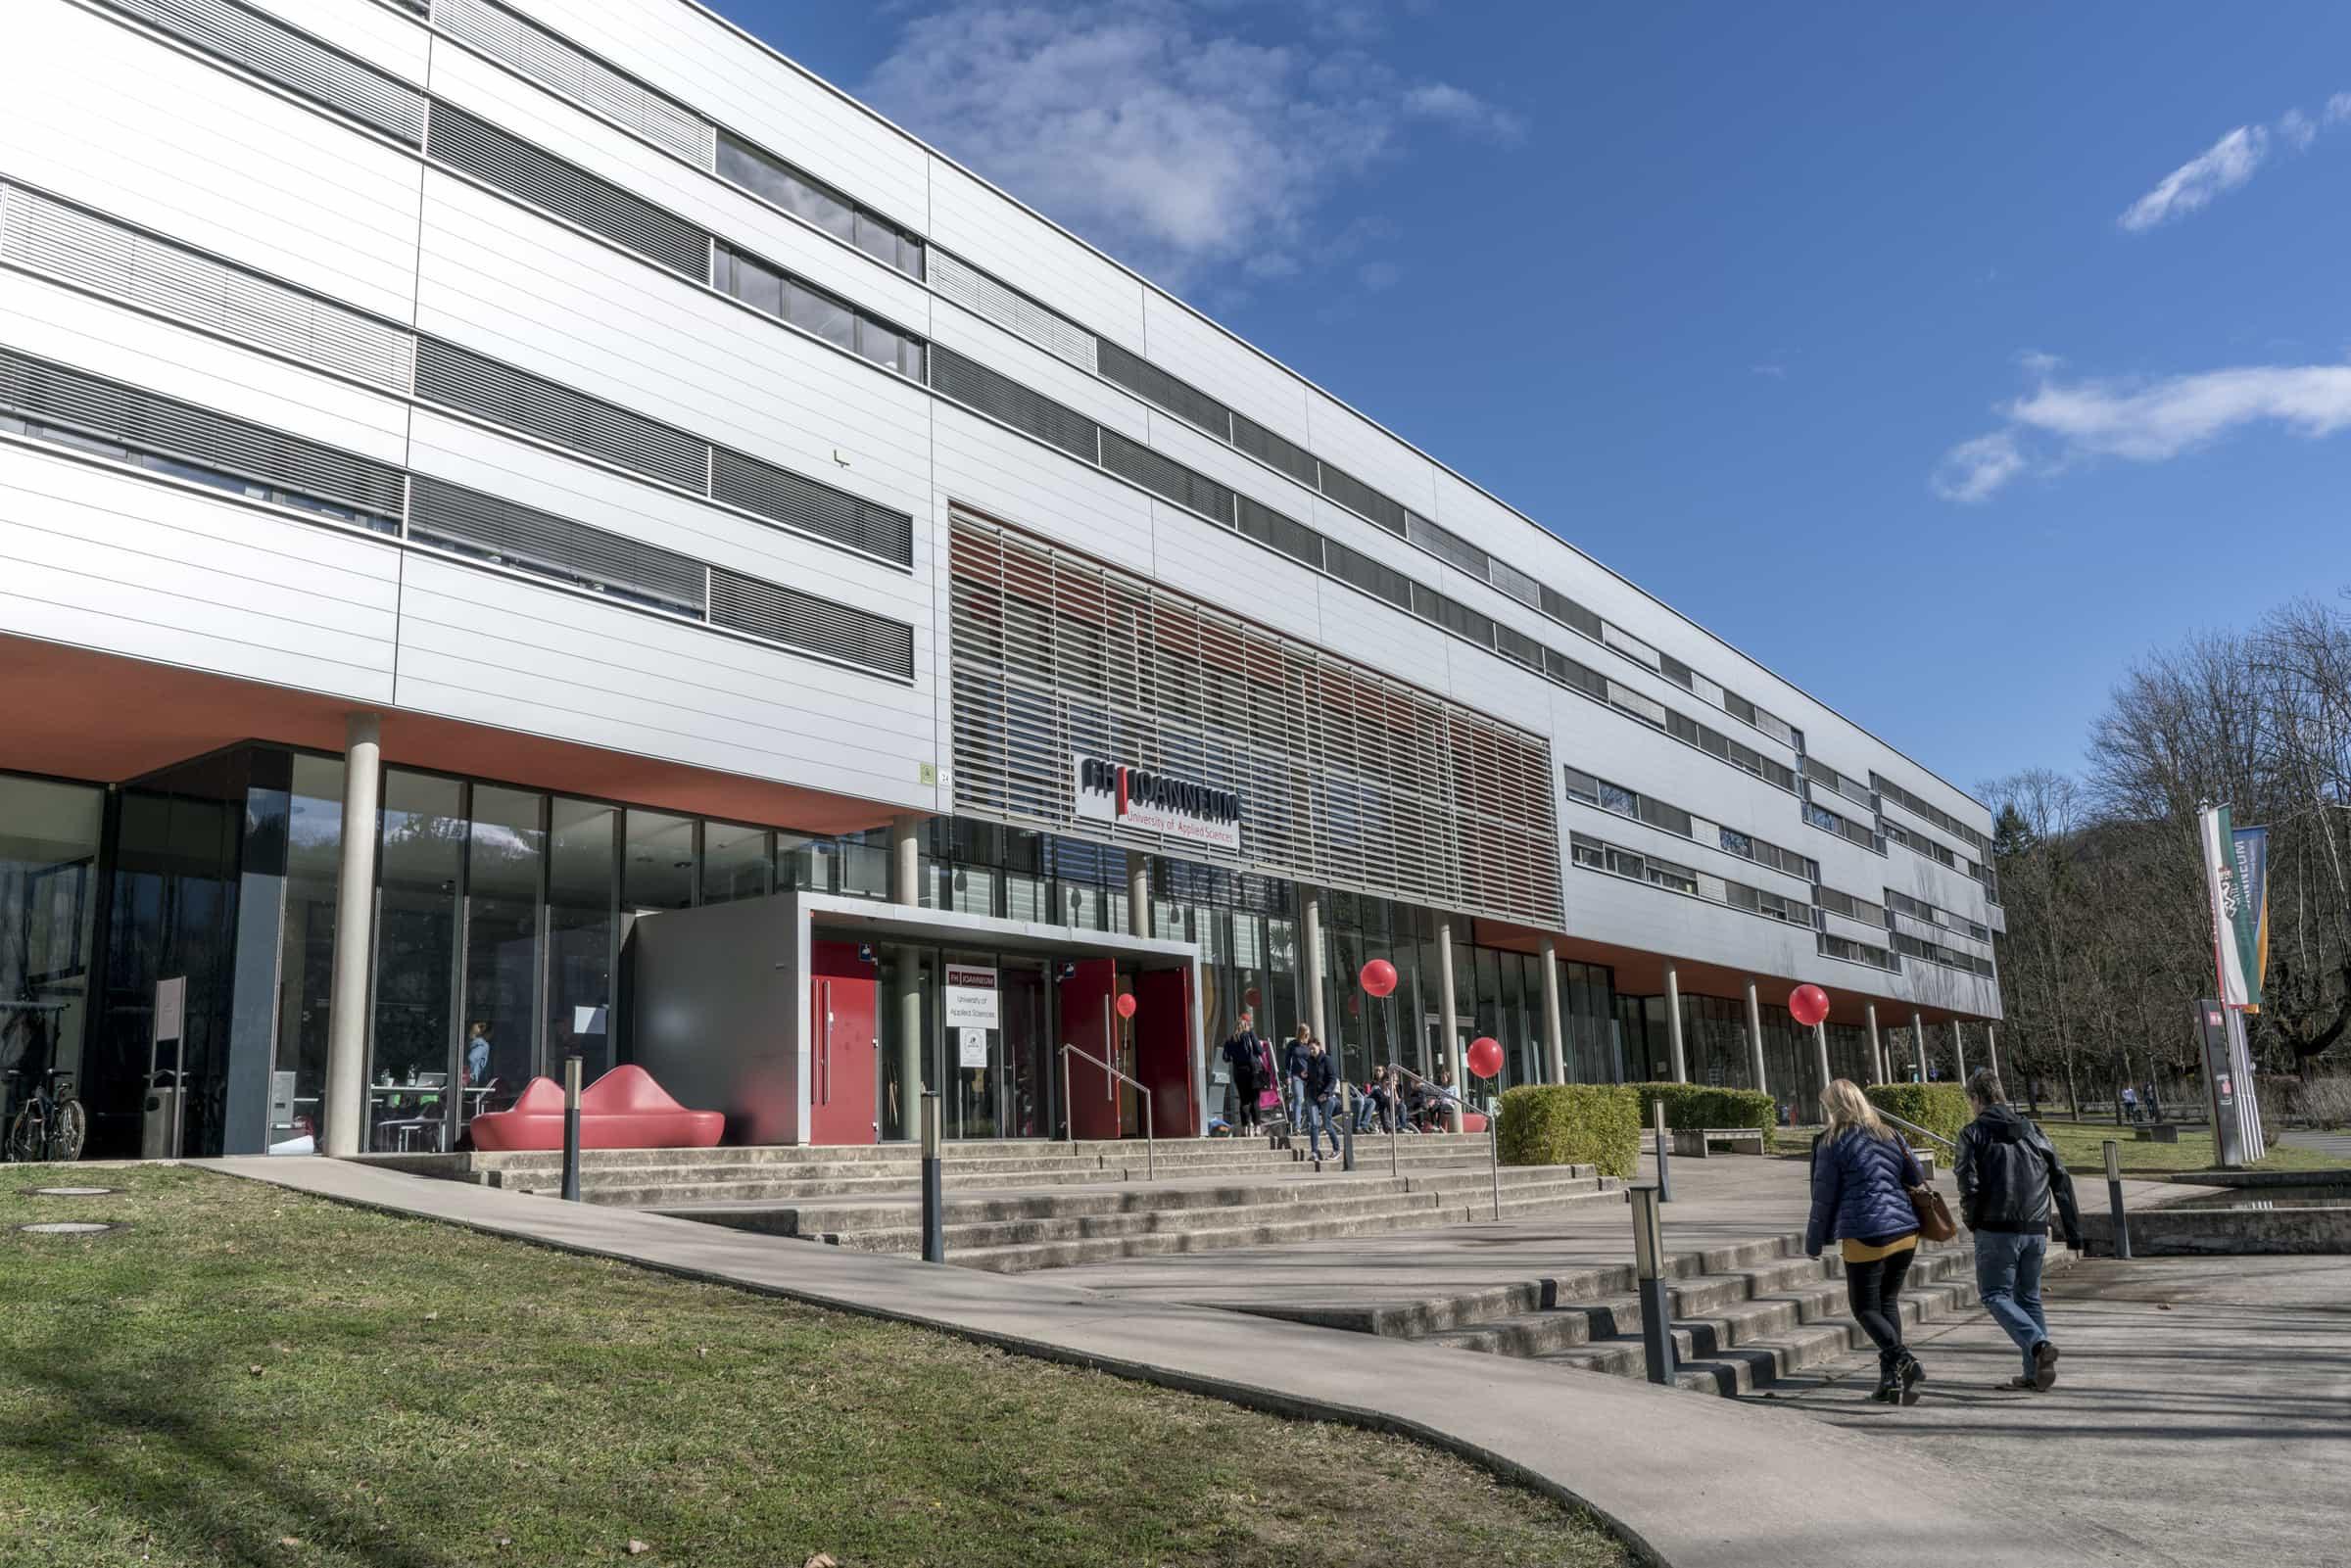 Rund 4.000 BesucherInnen informierten sich über das Angebot der FH JOANNEUM in Bad Gleichenberg und Graz – so viele wie noch nie zuvor.